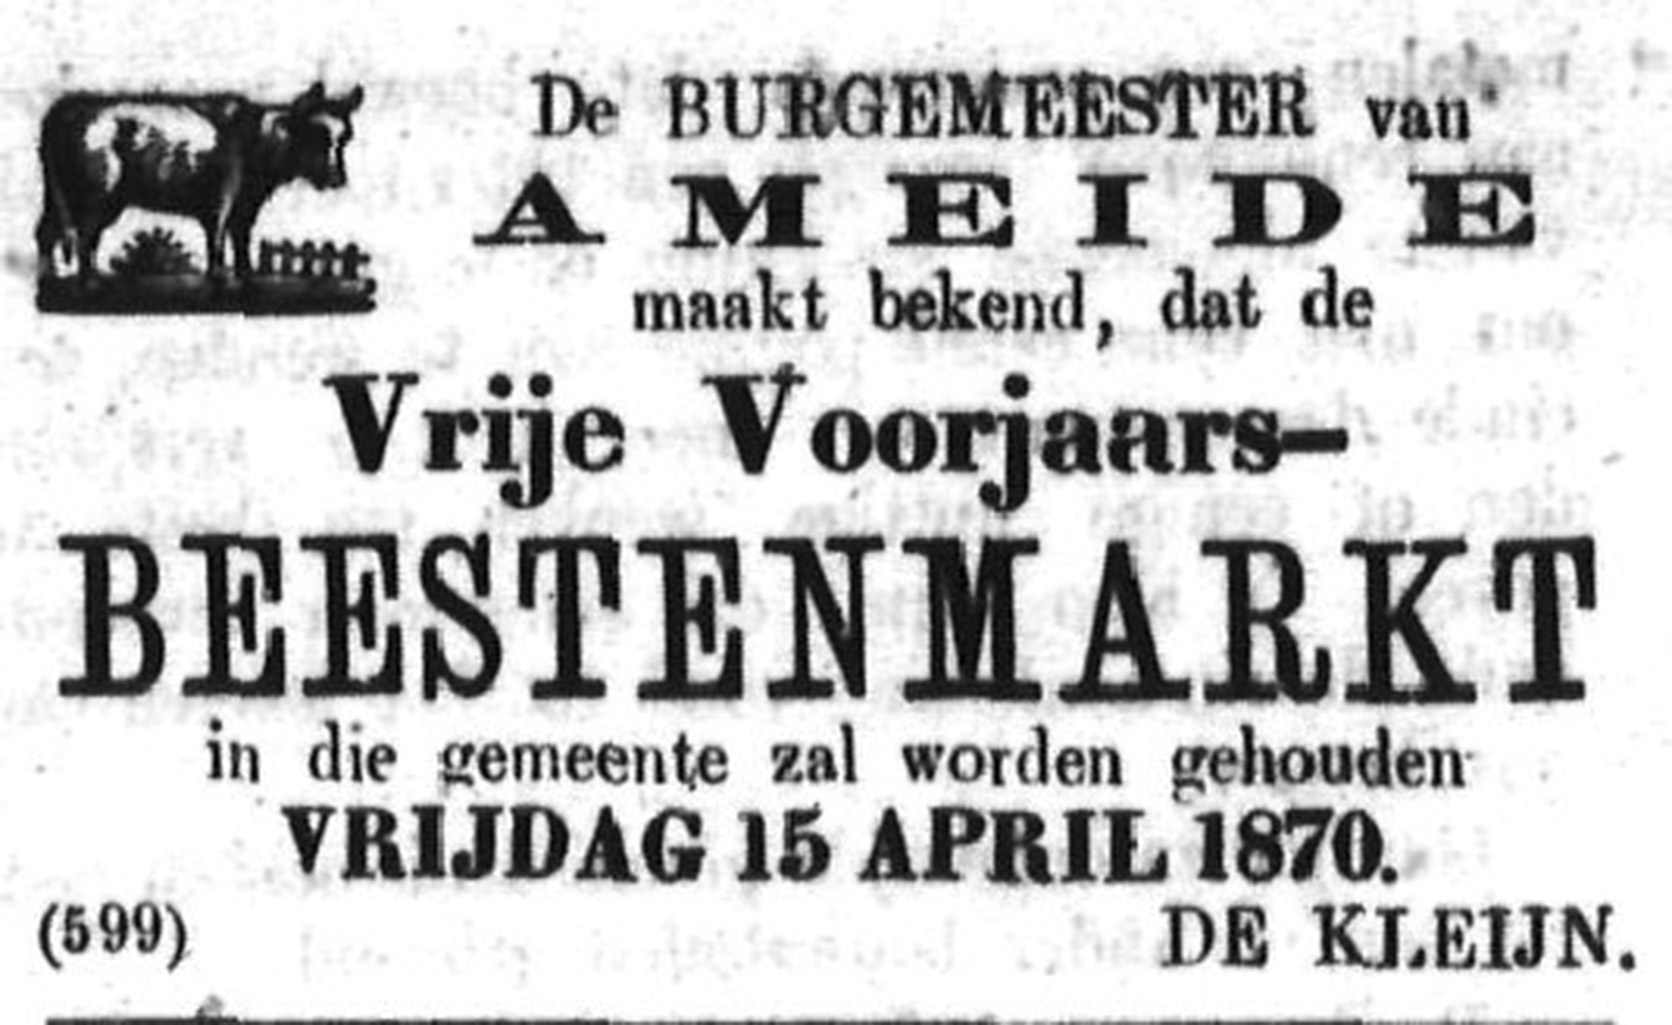 Schoonhovensche Courant 00041 1870-04-10 artikel 1